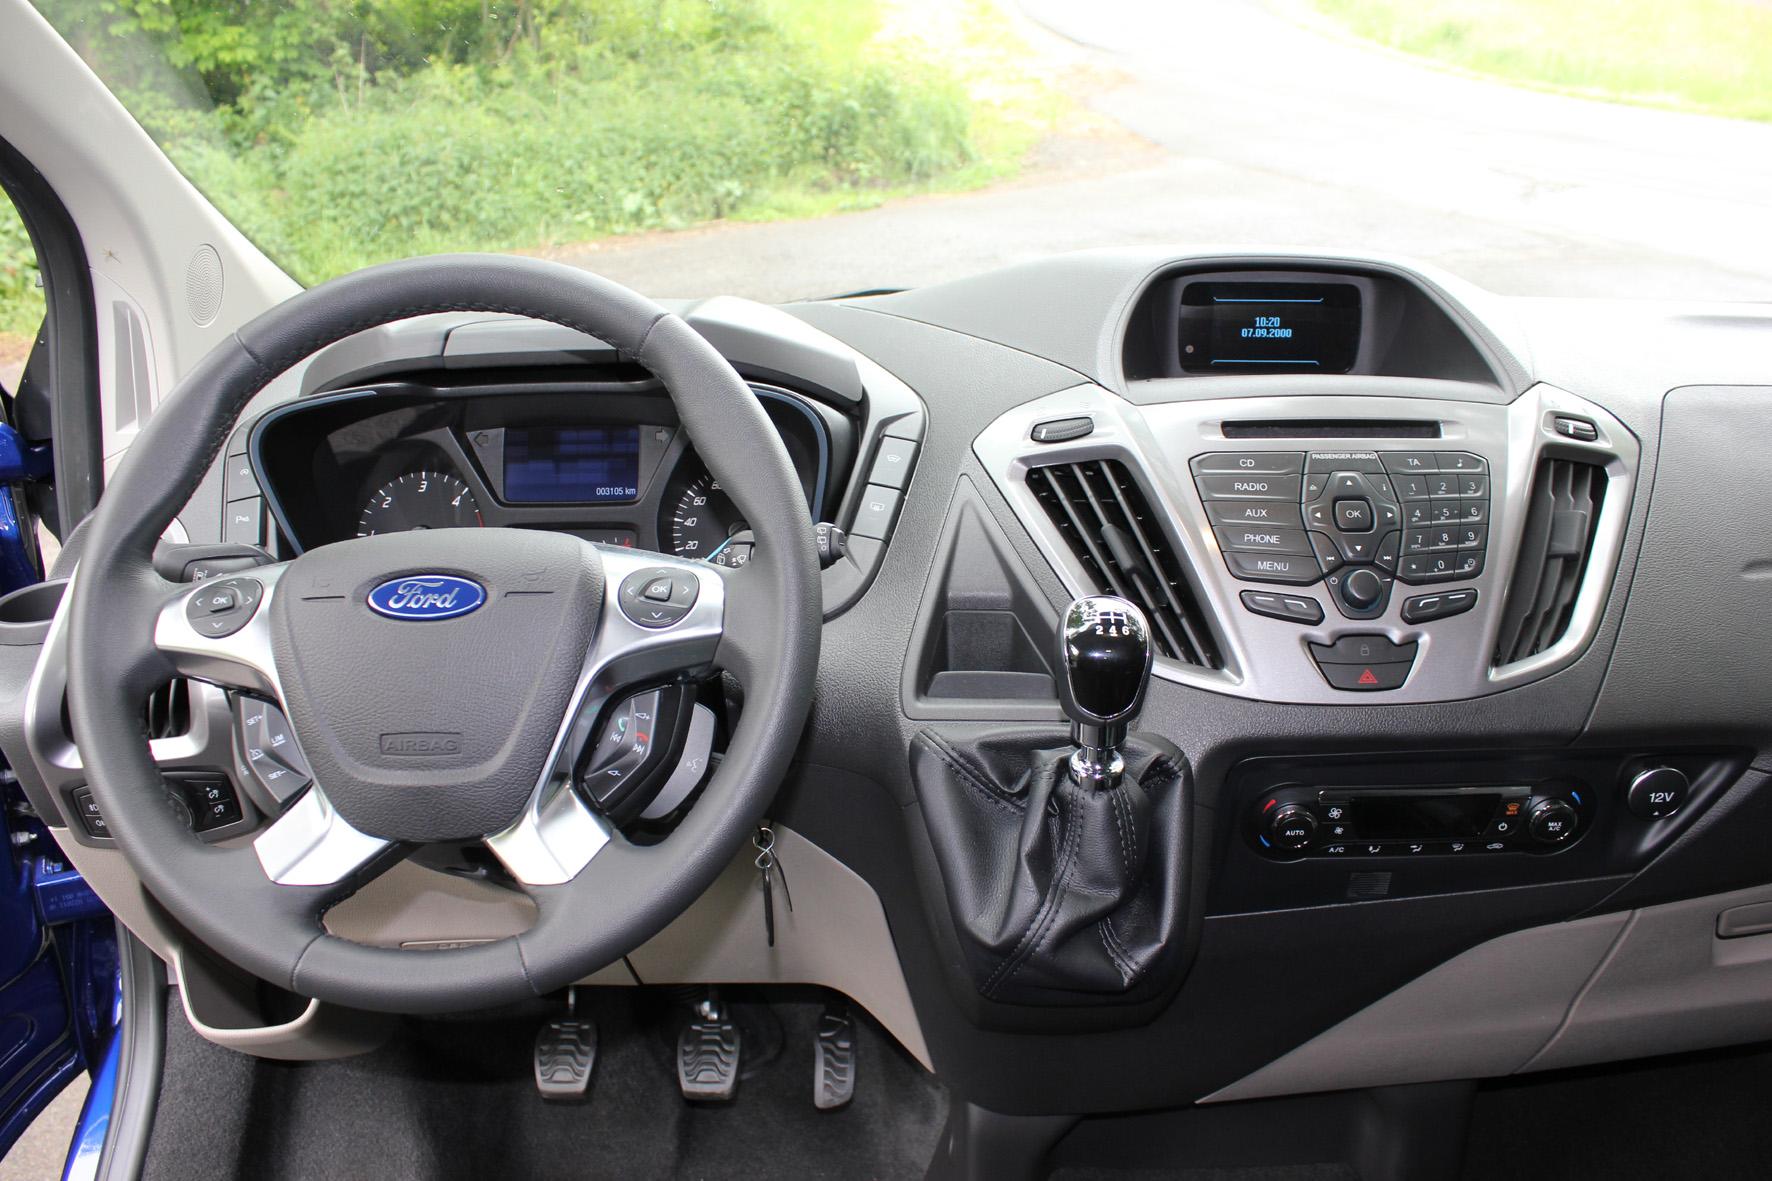 Wohnmobil Ford Tourneo Euroline: Multi-Talent für Alltag und Freizeit